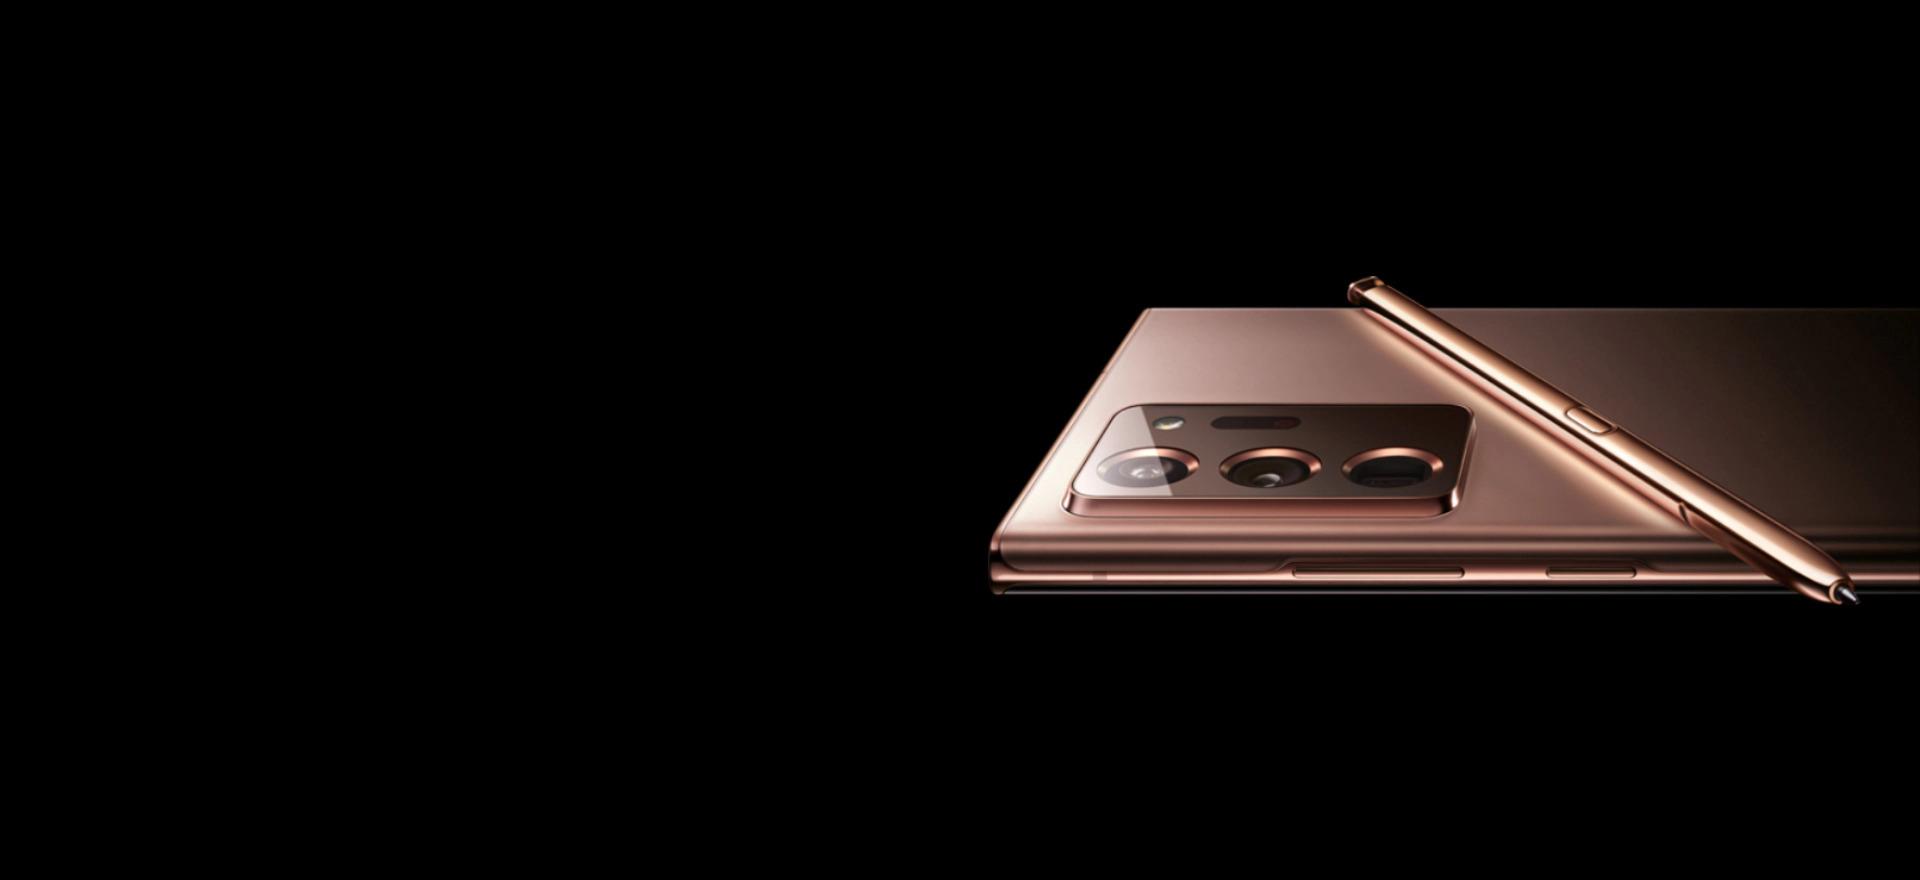 Galaxy Note 20 Ultra appare sul sito Samsung ufficiale